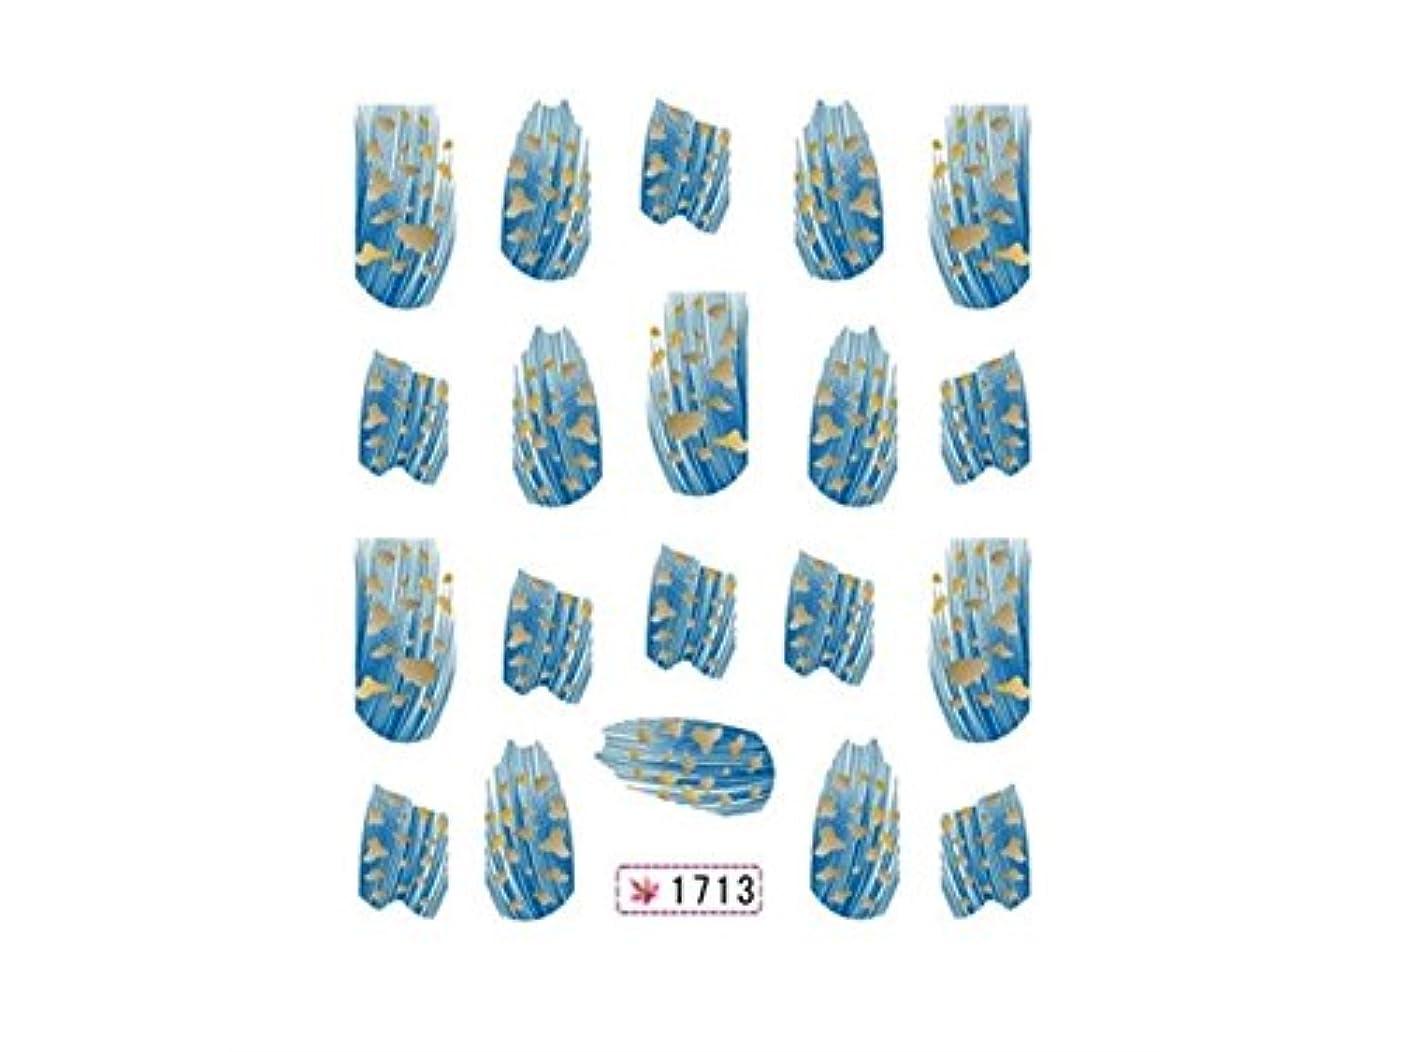 予測子グレートオーク収入Osize ファッションネイルアートウォータートランスファーデカールステッカーレインボードリームズネイルアクセサリー(カラフル)